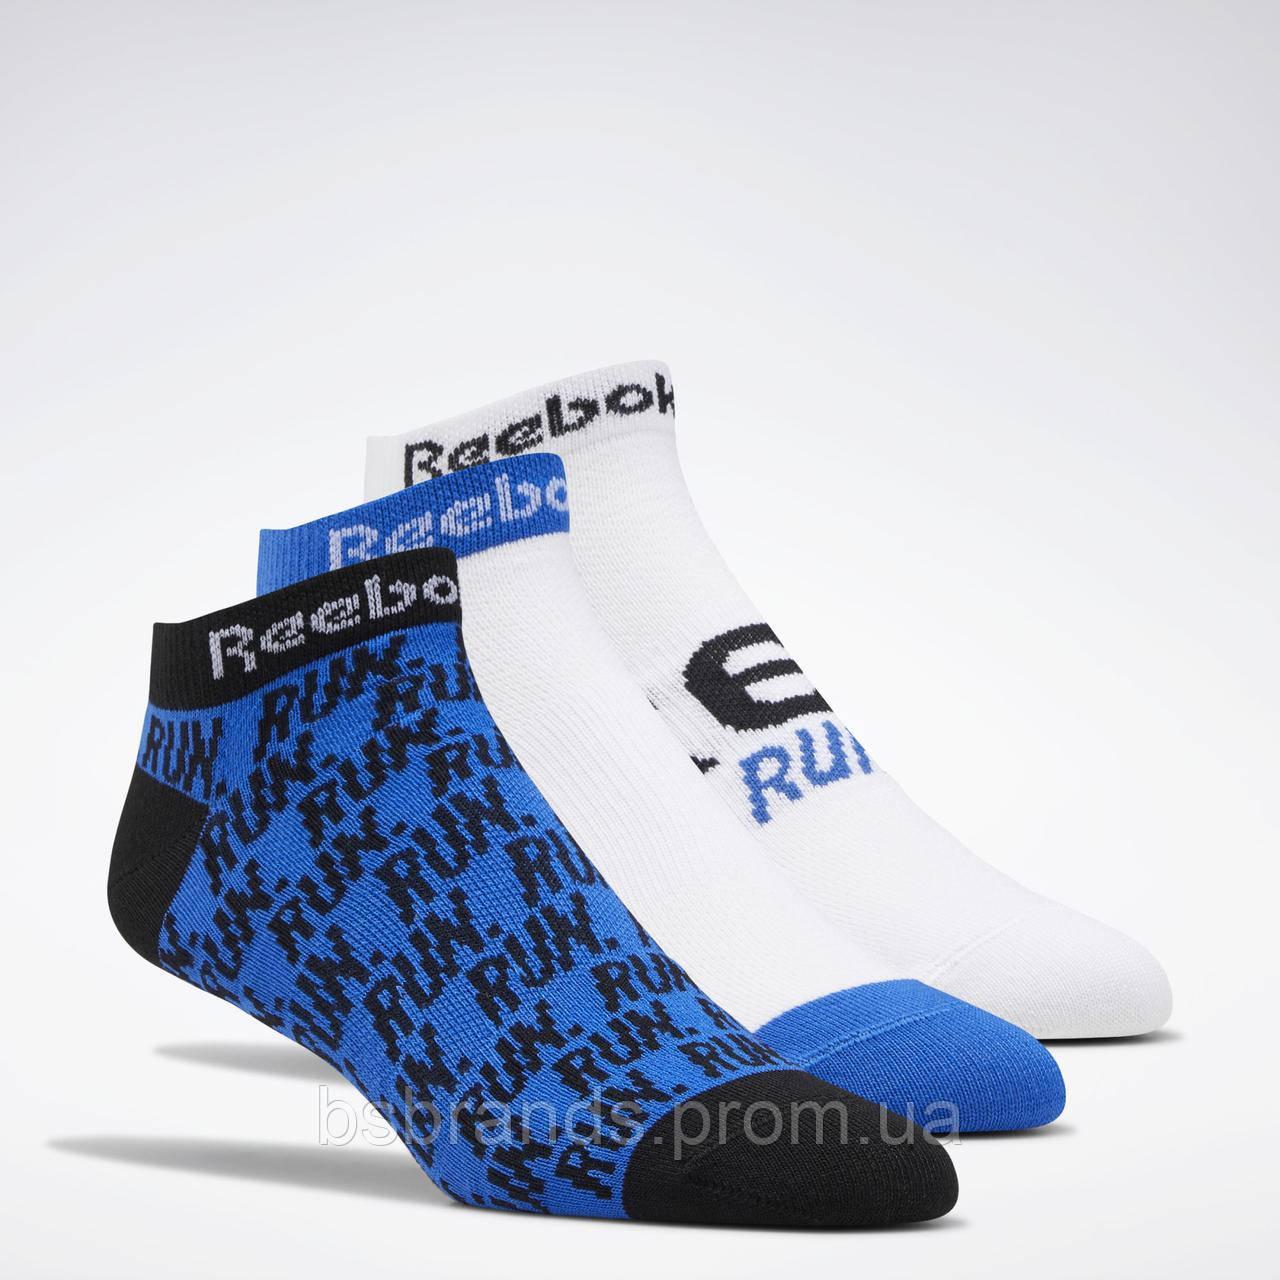 Спортивные носки Reebok Running Club, 3 пары FL5471 (2020/1)